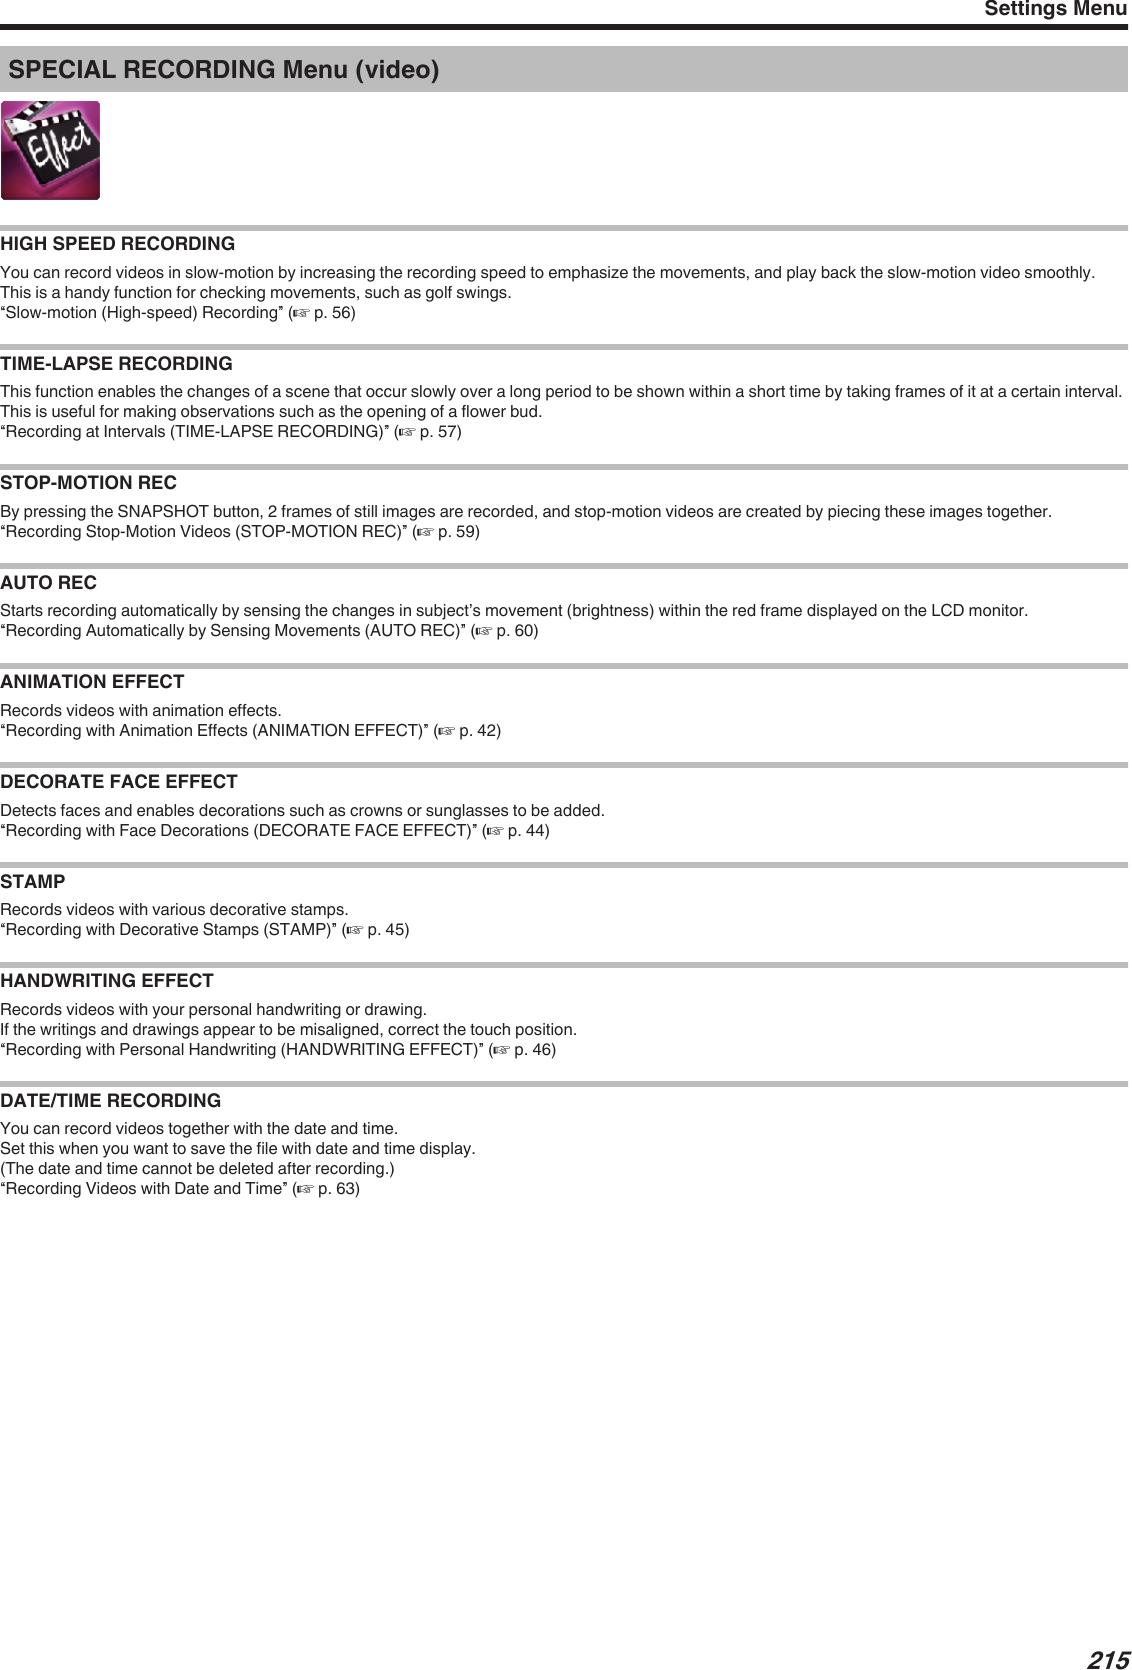 Jvc Gz E505 User Guide E505, EX515, EX555 [US]